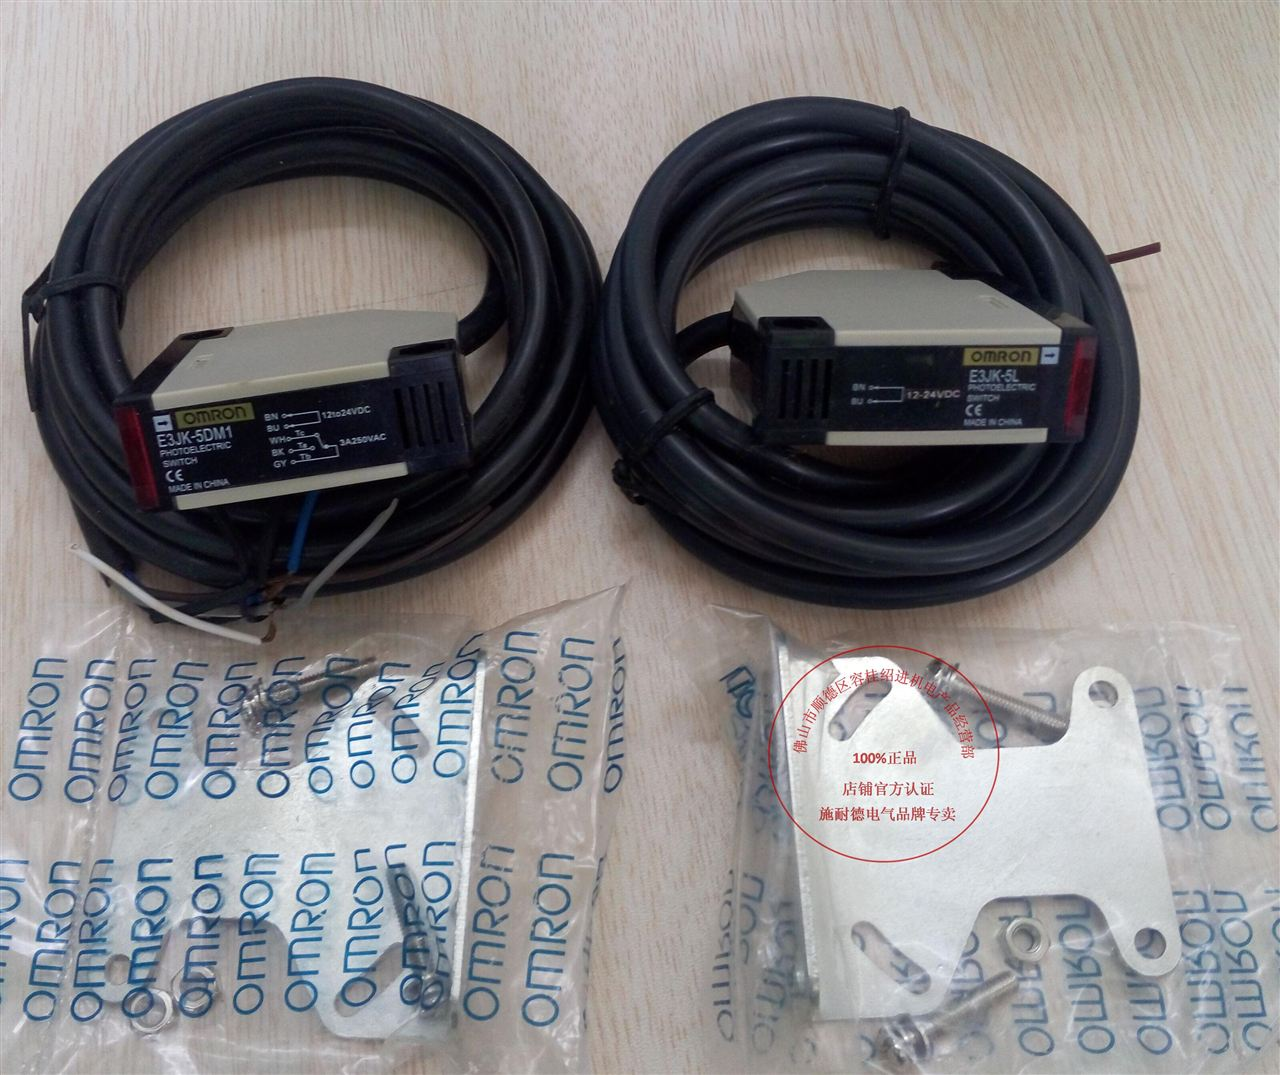 E3JK-5M1 (特价销售)欧姆龙光电开关(原装正品) 高福电气很高兴为你服务 报价热线:0577-27891127 技术:18605878870 QQ:154689195 E3JK-R4M2欧姆龙光电开关红外线感应开关传感器 我公司是一家专代理业生产销售交流接触器E3JK-5M1 (特价销售)欧姆龙光电开关(原装正品)的厂家。霍尼韦尔行程开关是一具有金属感应的线性器件,在接通电源后在传感器感应面产生交变磁场,当金属接近感应面时,金属中则产生涡流吸取震荡器中的能量,使震荡器输出幅度线性衰弱,然后根据衰弱